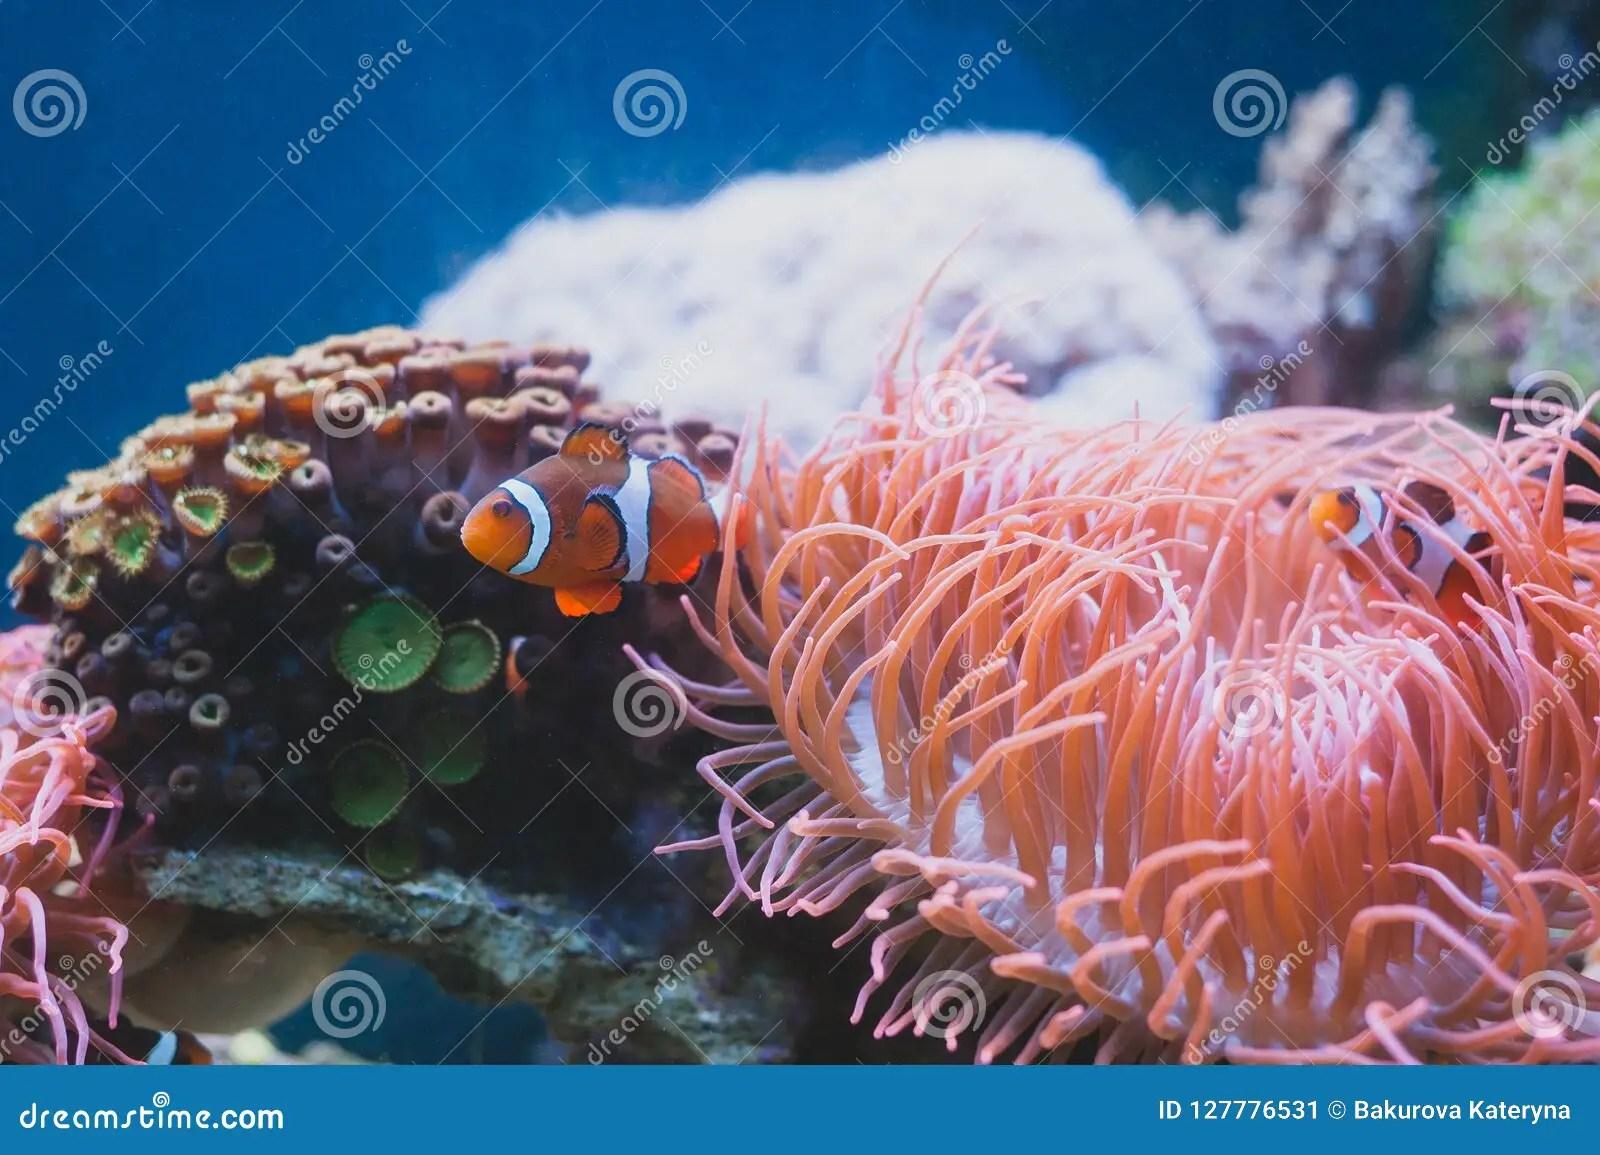 clown fish and sea